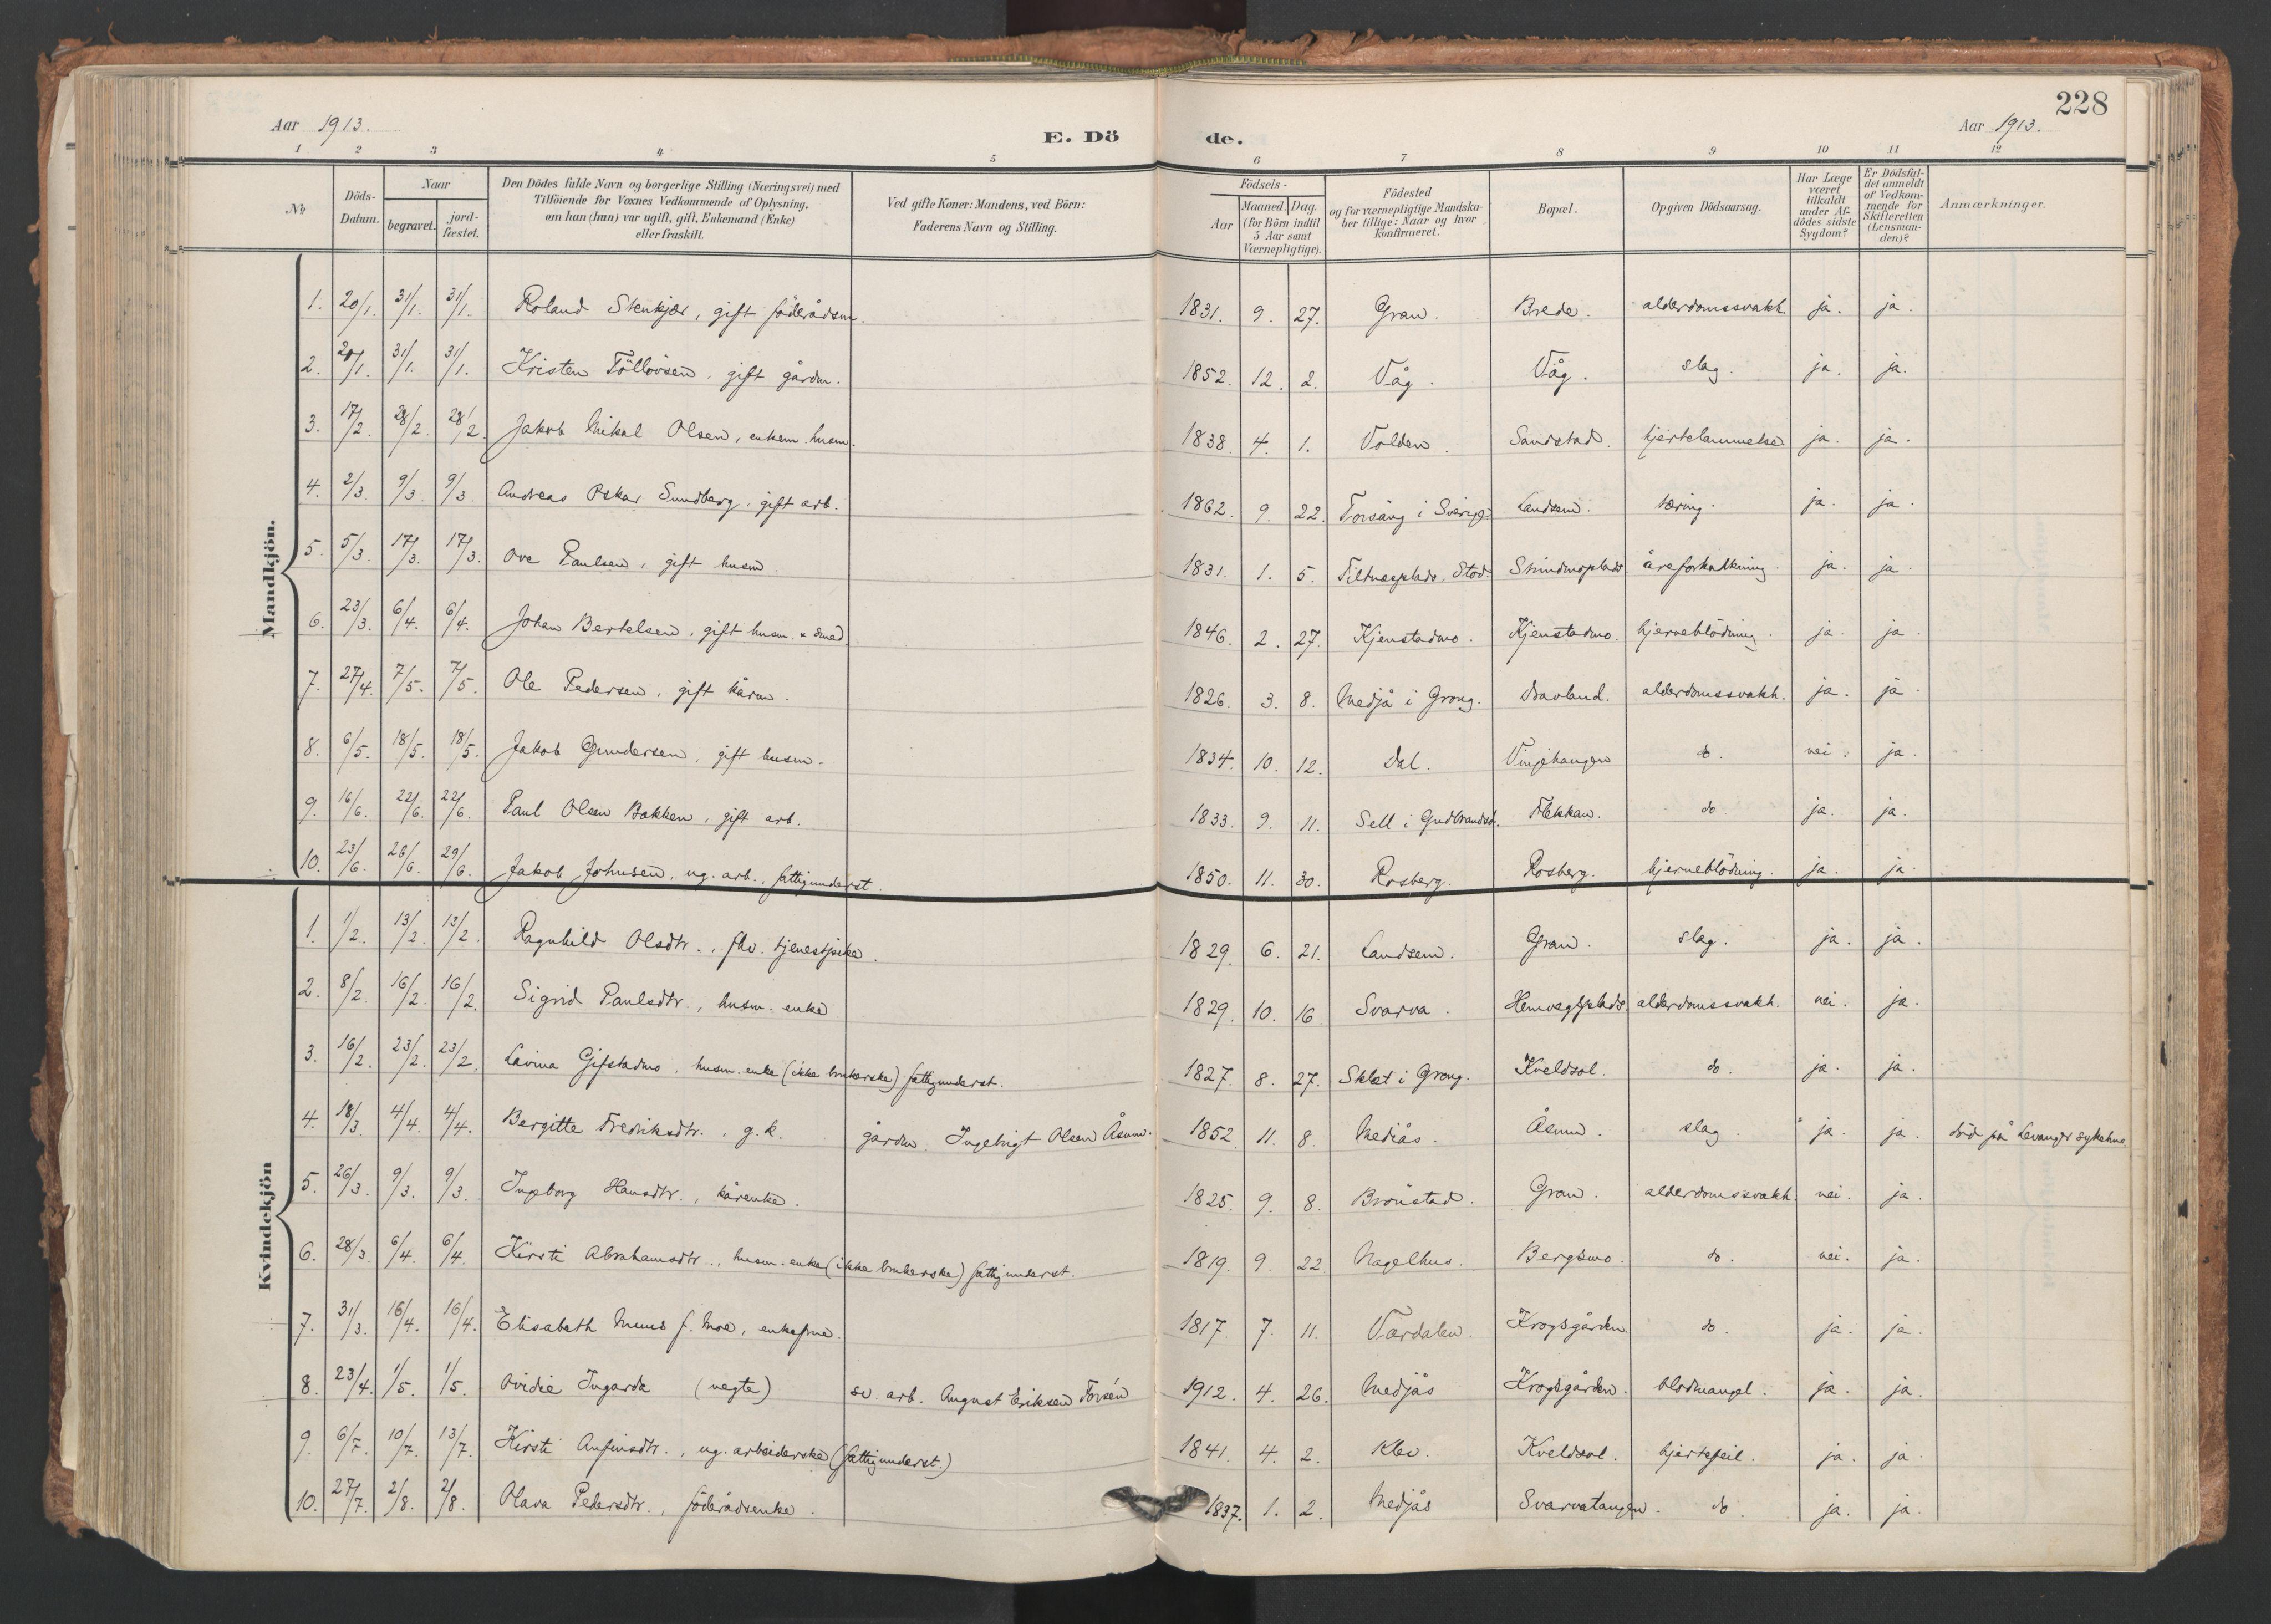 SAT, Ministerialprotokoller, klokkerbøker og fødselsregistre - Nord-Trøndelag, 749/L0477: Ministerialbok nr. 749A11, 1902-1927, s. 228